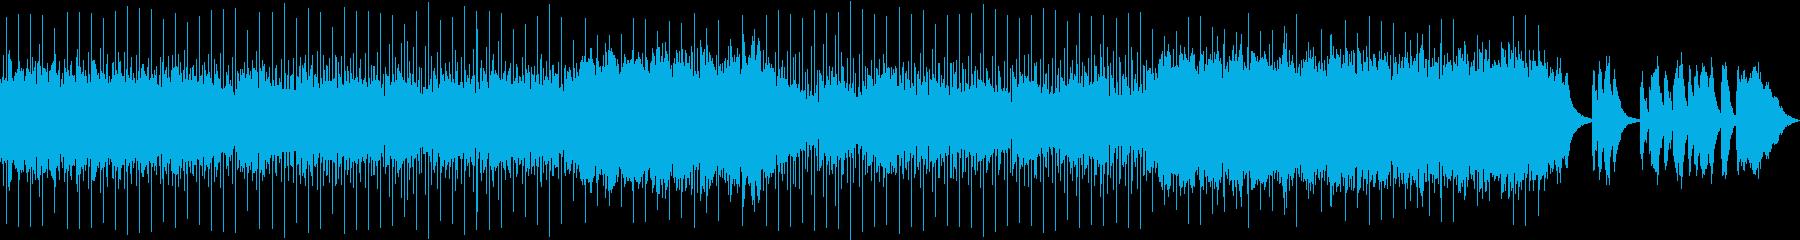 切ない、悲しい、シンセバラードの再生済みの波形